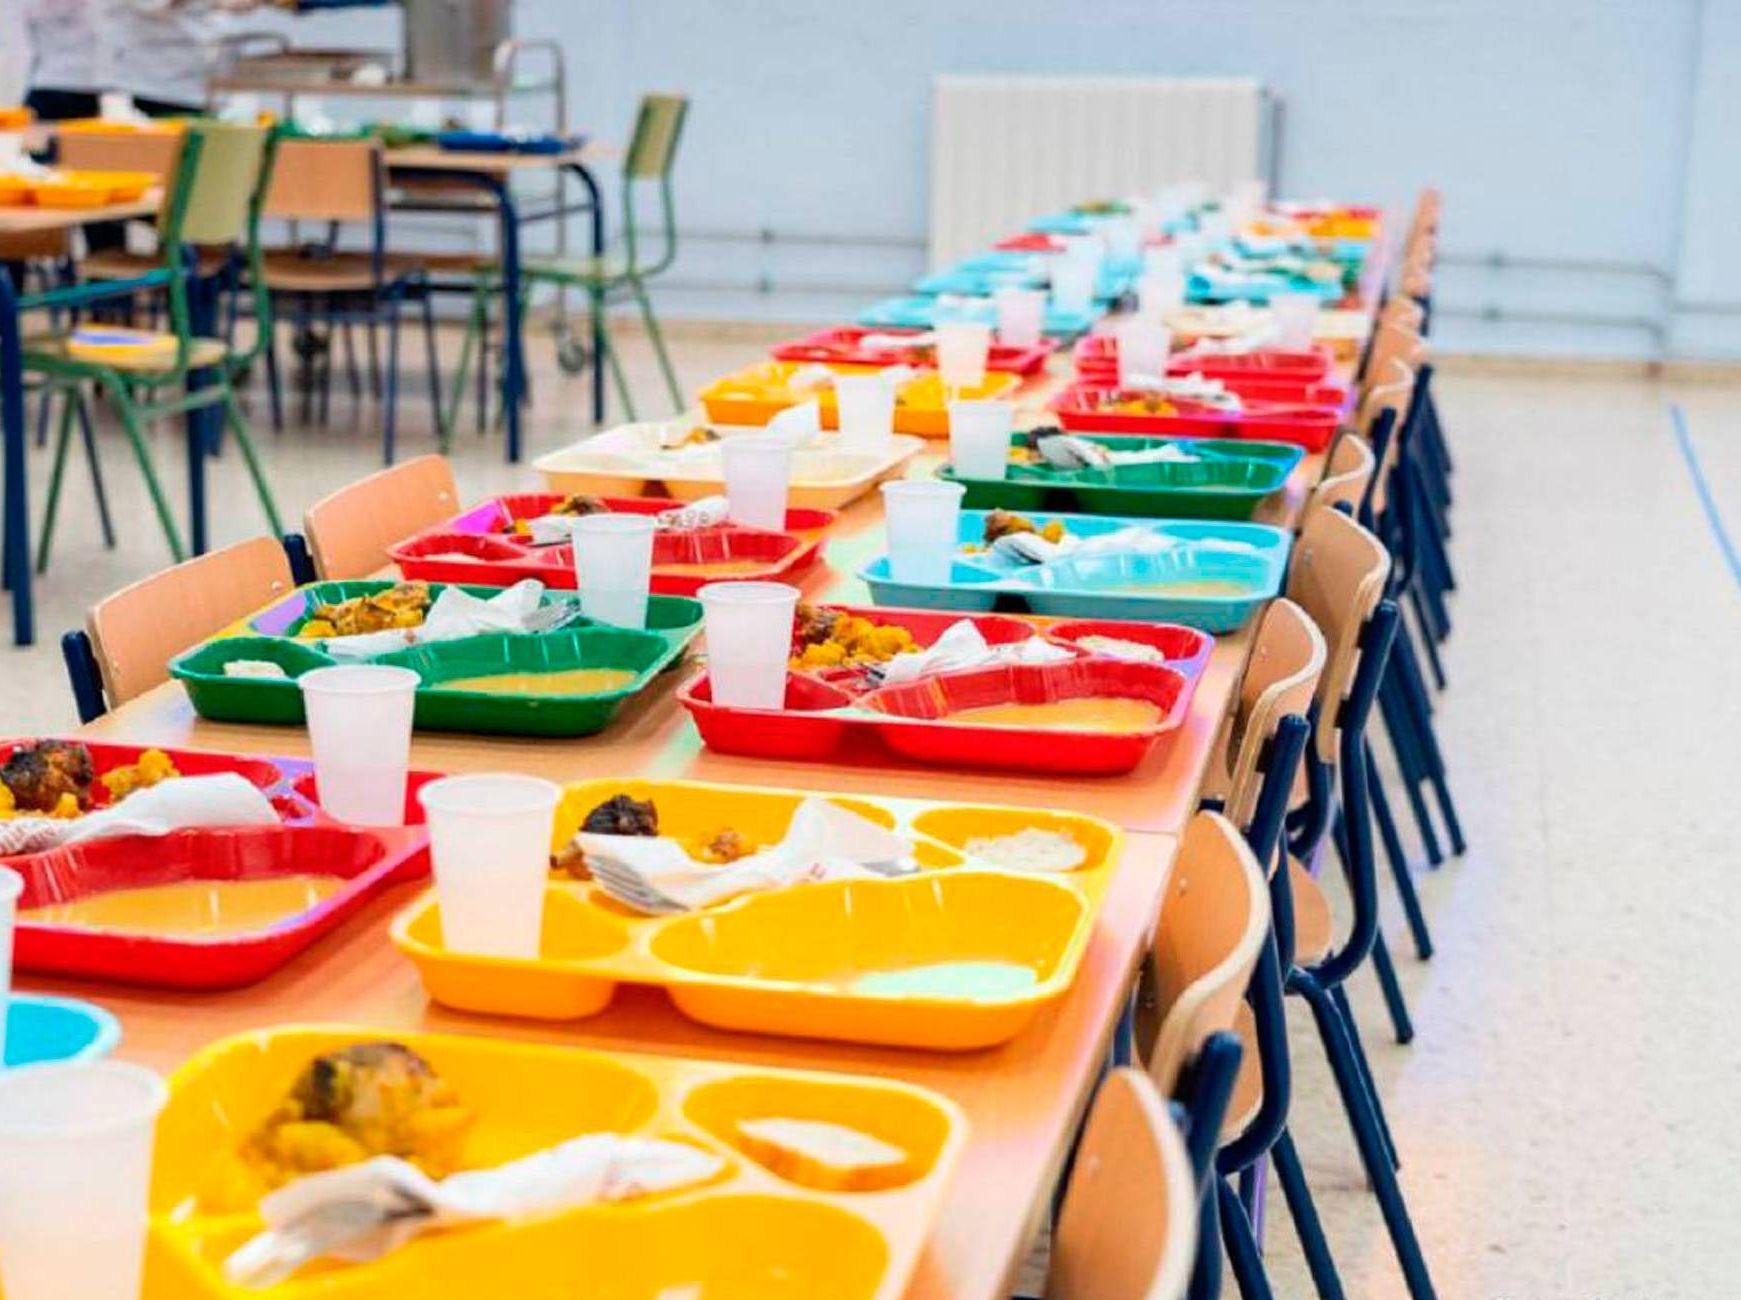 Calidad de los alimentos en comedores escolares